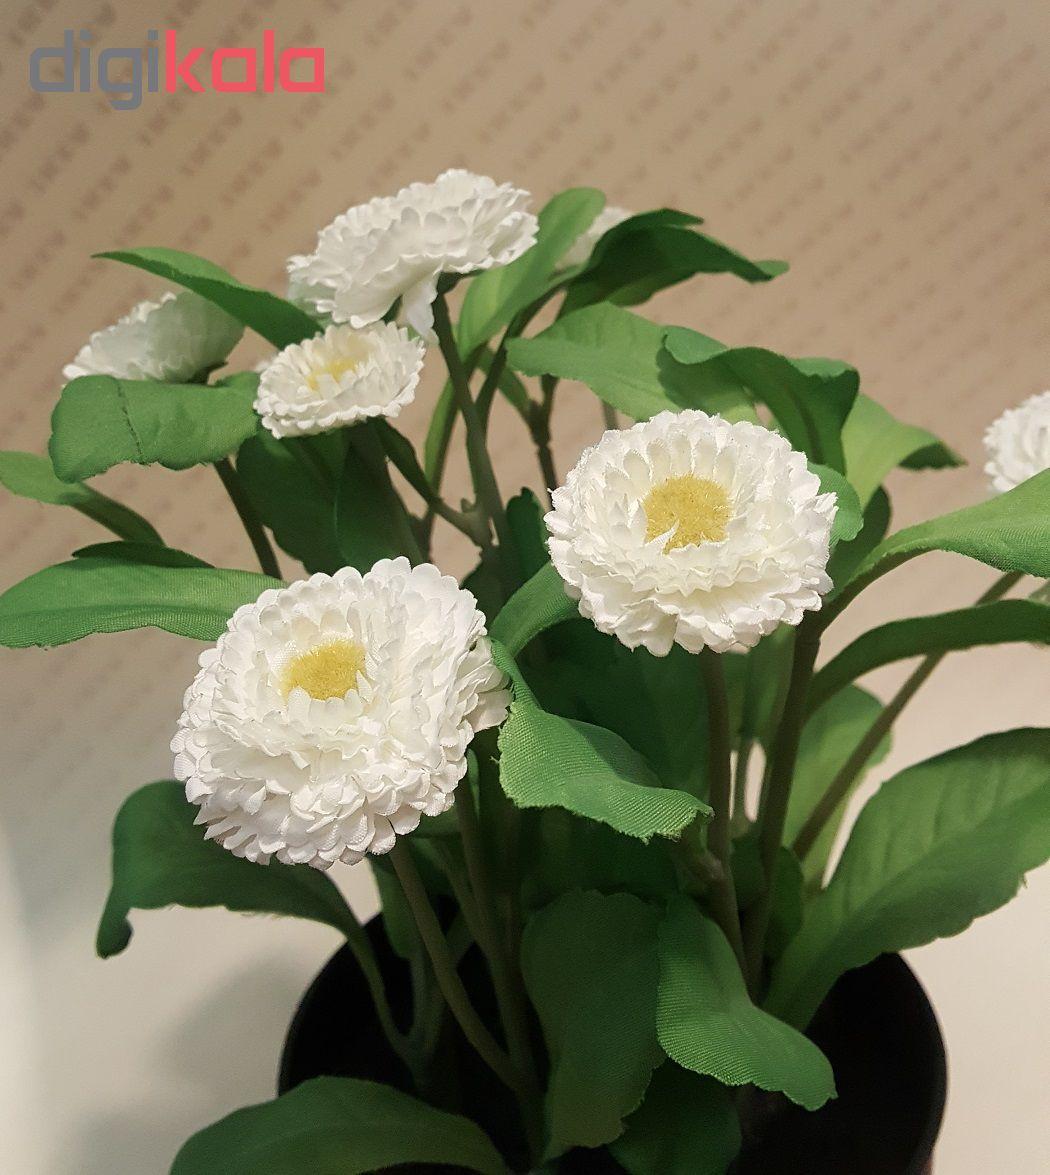 گلدان با گل مصنوعی ایکیا مدل Fejka 70234147  main 1 5